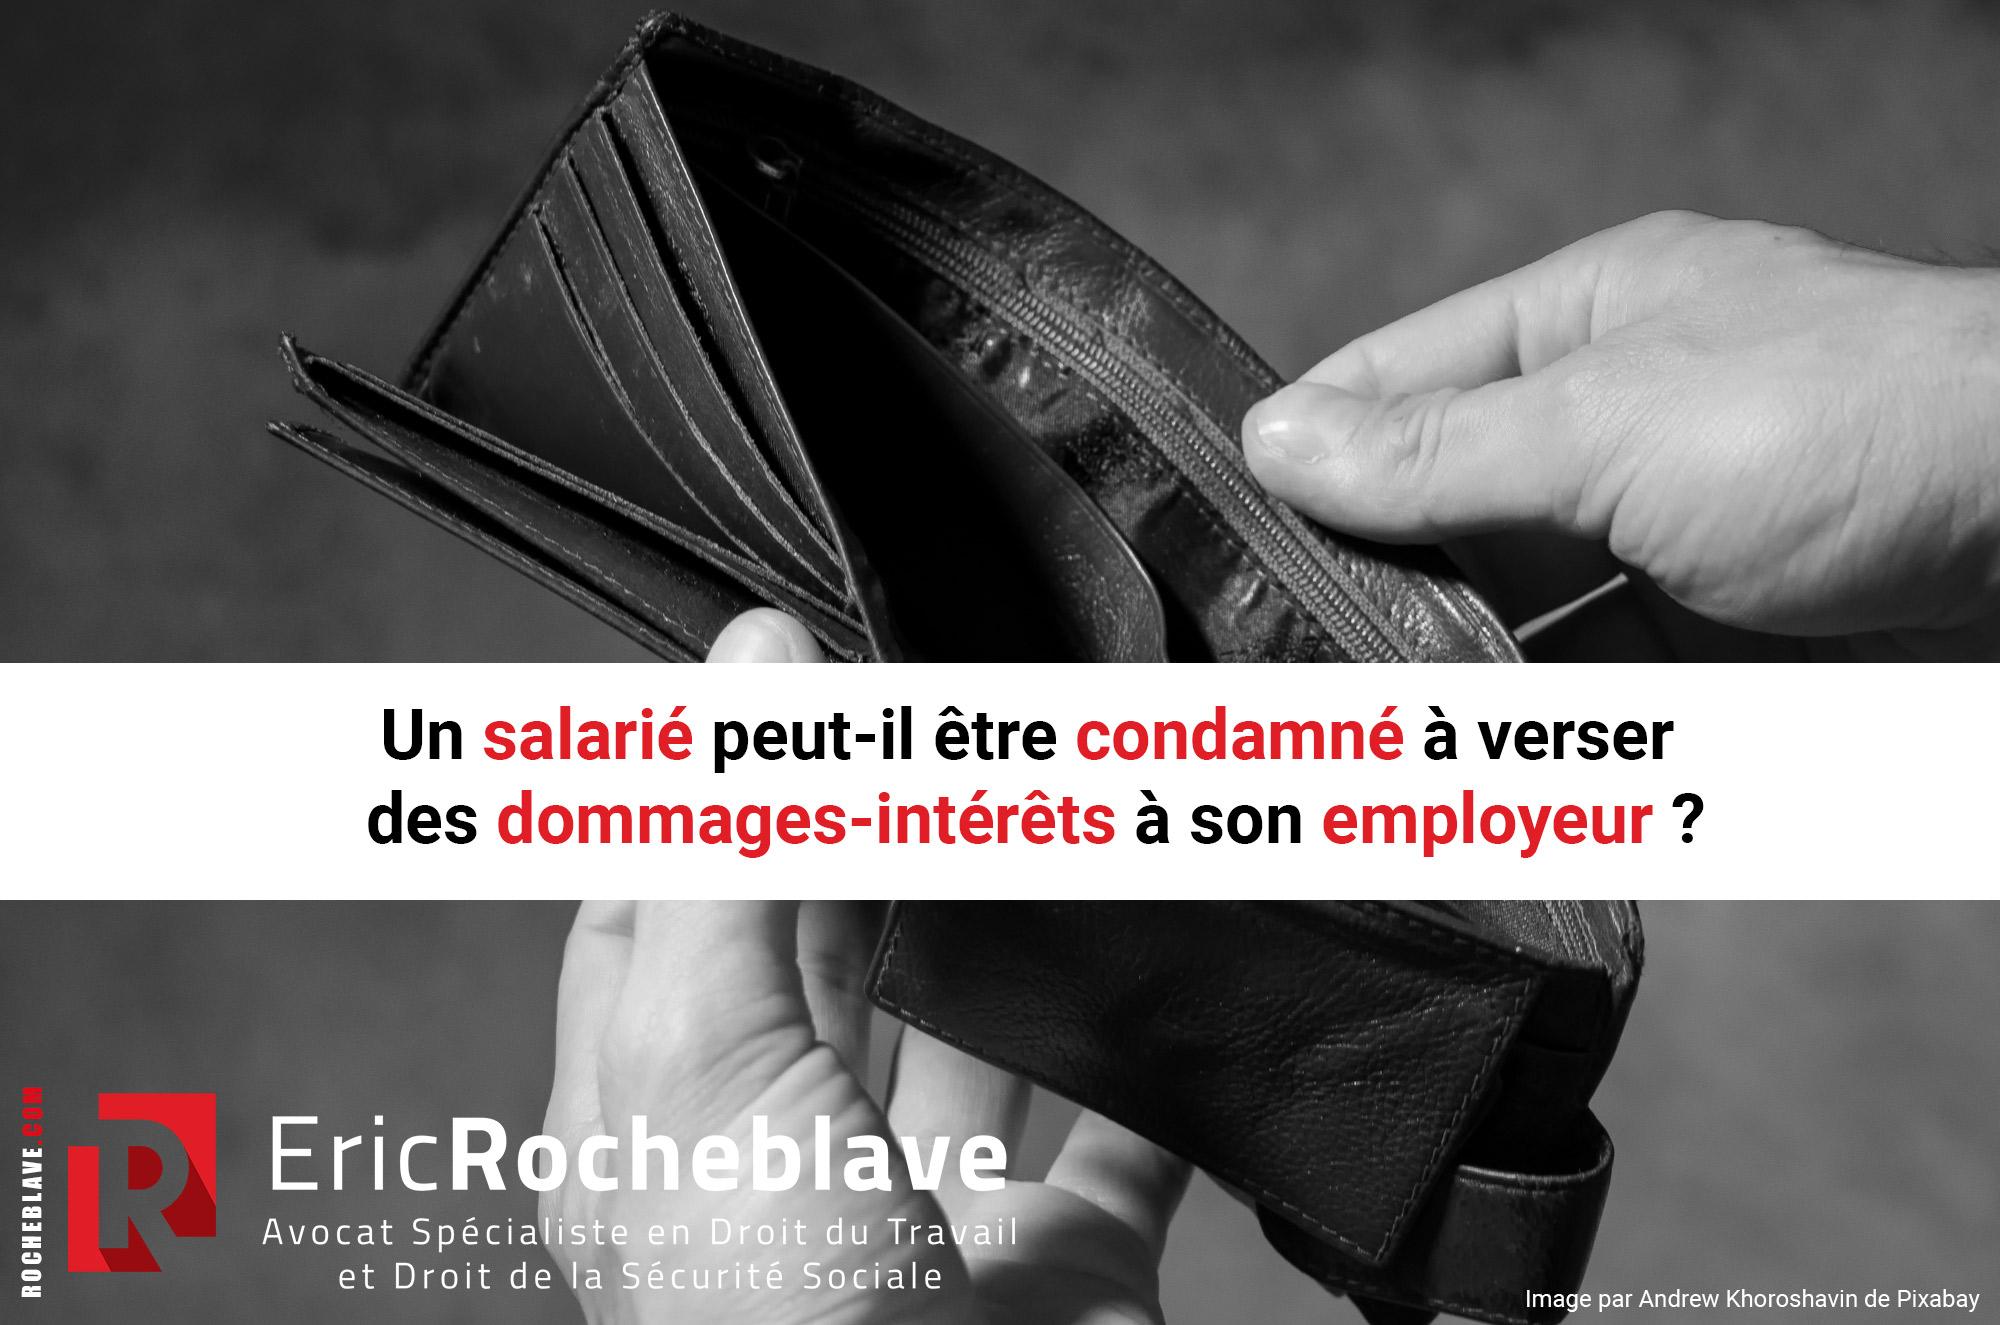 Un salarié peut-il être condamné à verser des dommages-intérêts à son employeur ?